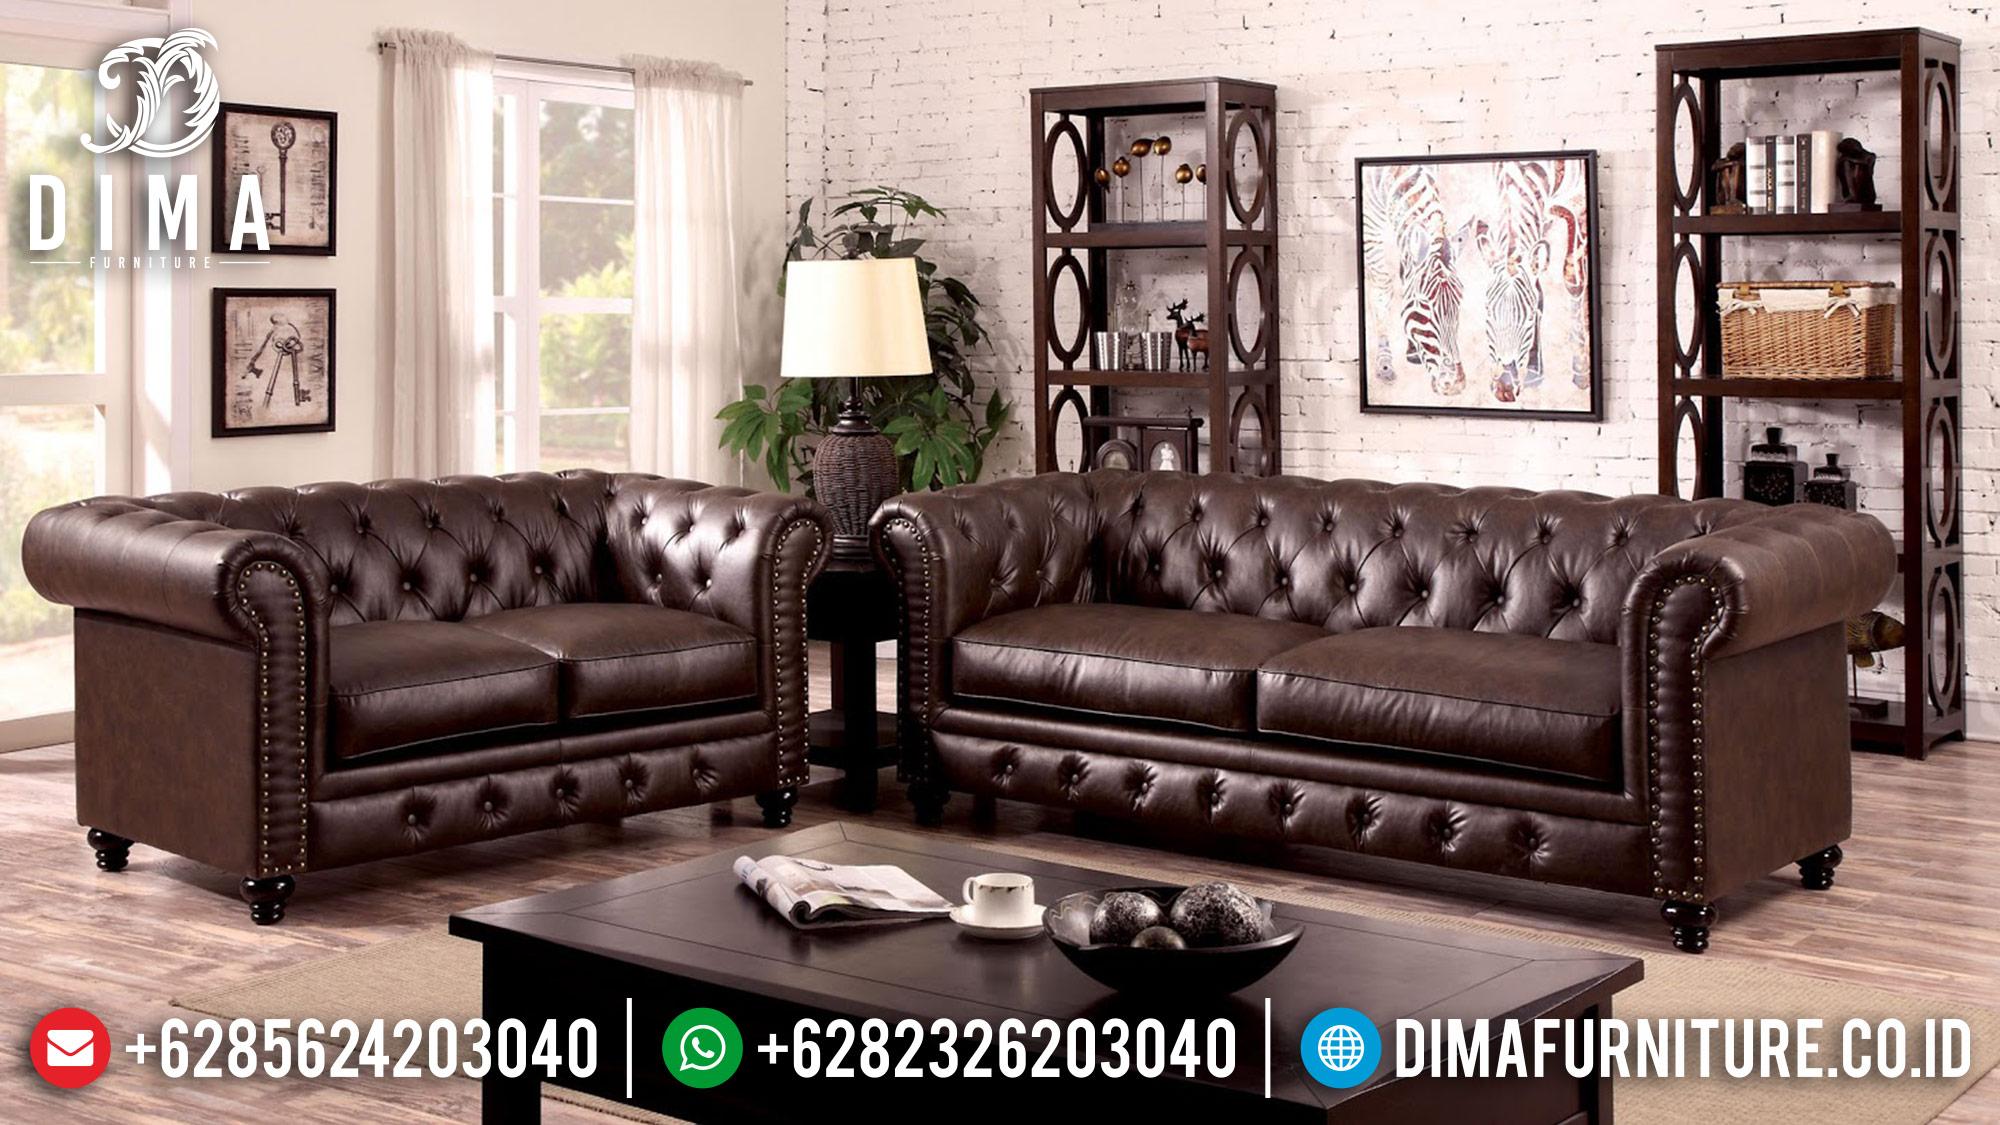 Sofa Tamu Mewah Terbaru Jepara 09 Dima Furniture Jepara